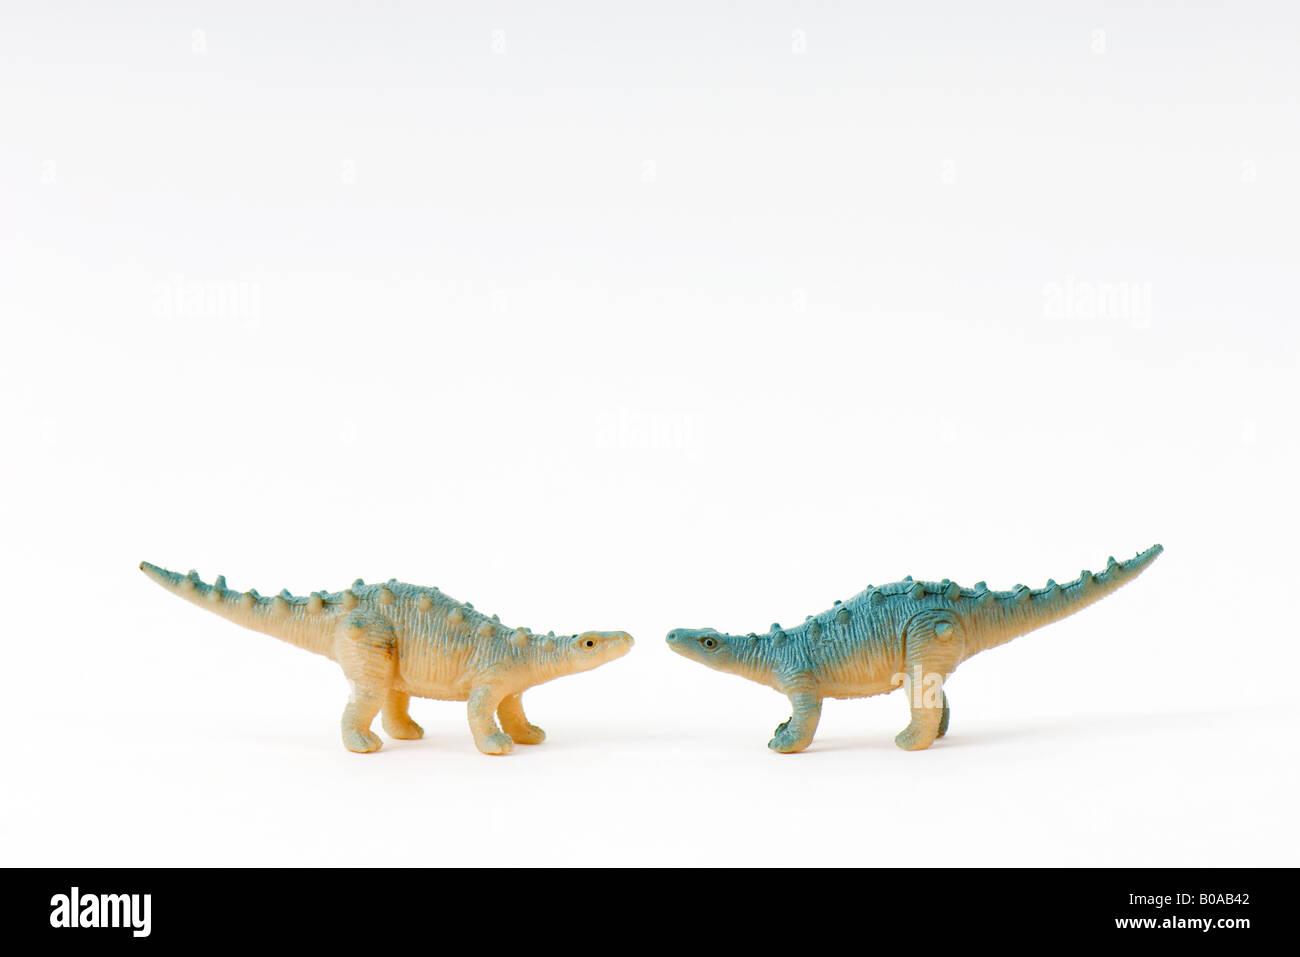 Spielzeug Dinosaurier einander zugewandt Stockbild